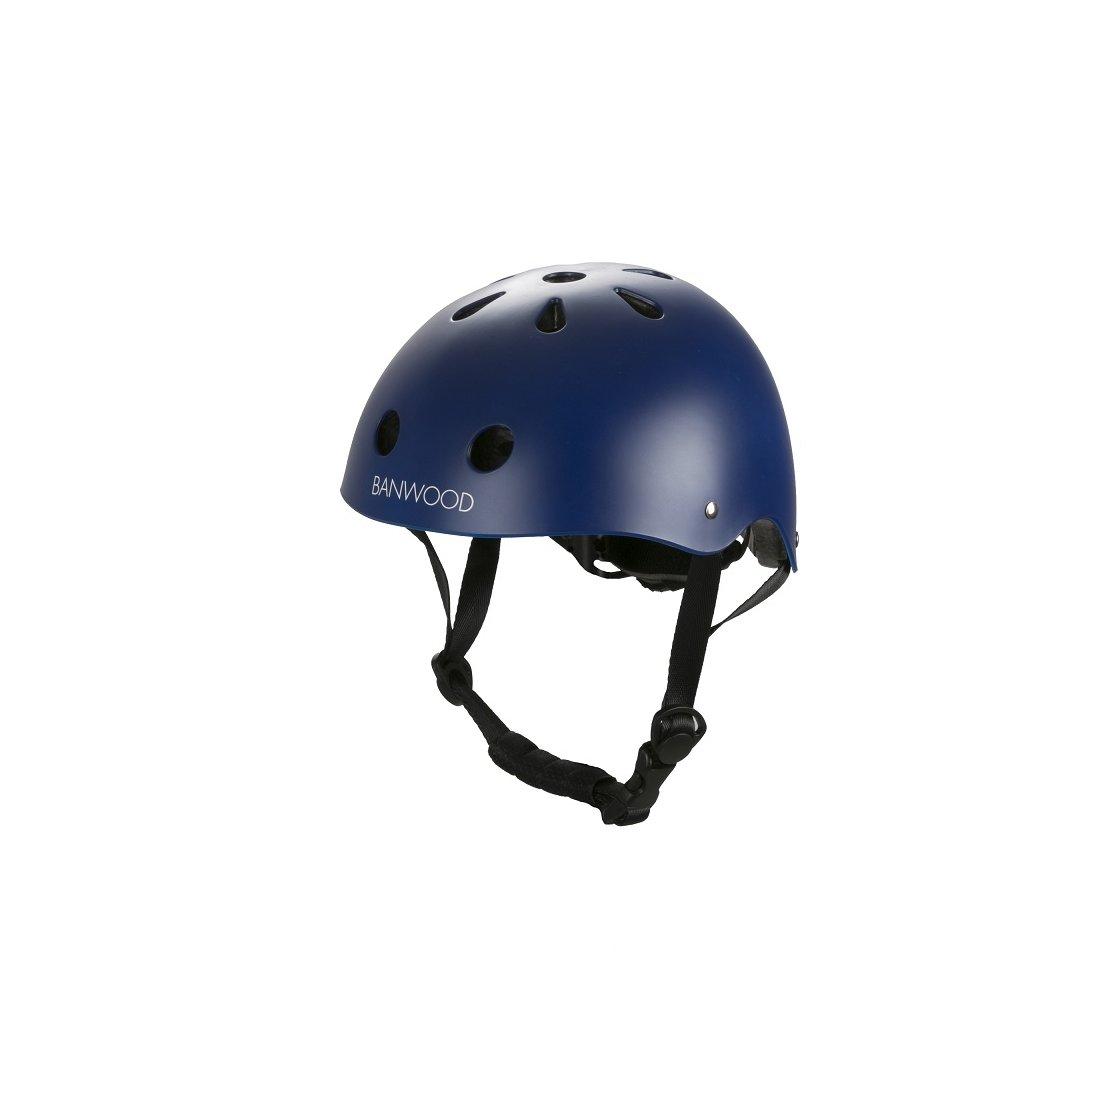 Casco seguro y confortable para bicicleta niños - Tubebebox